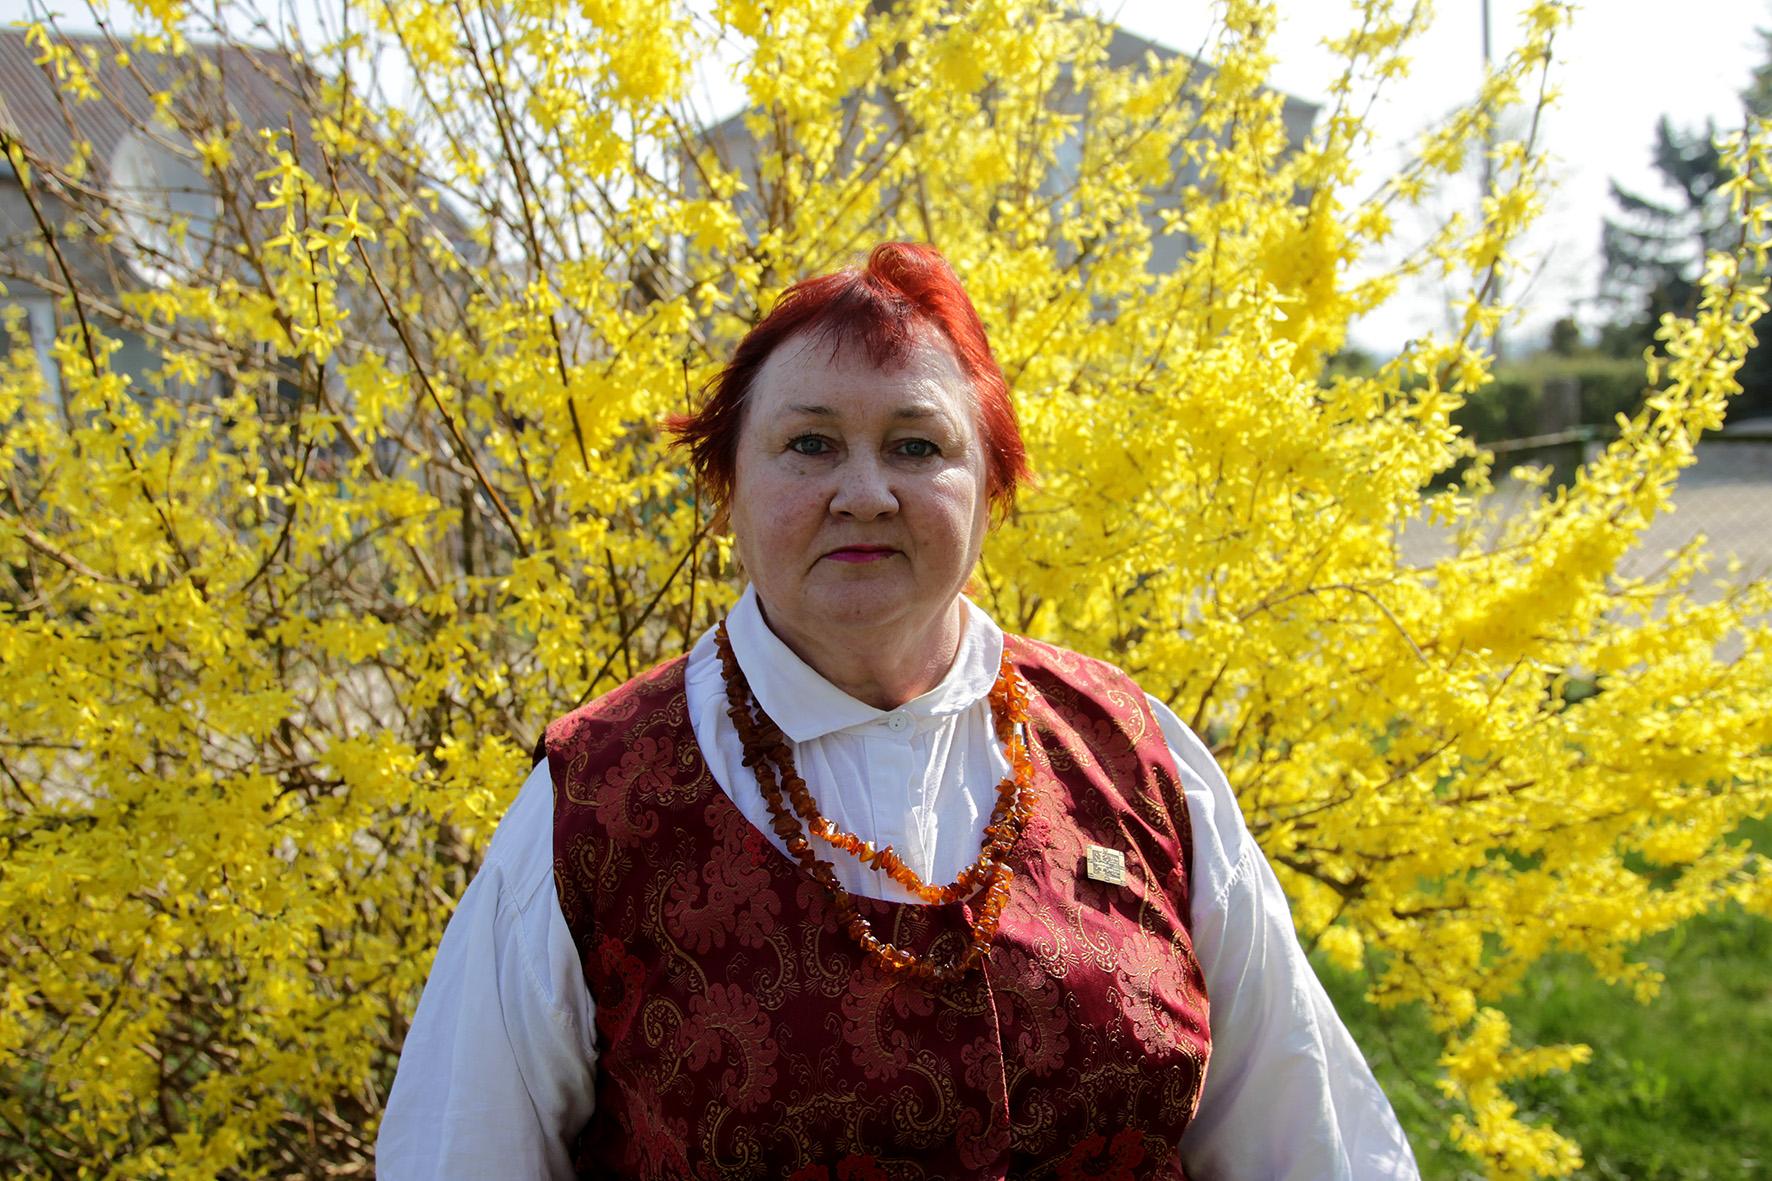 Violeta Kažukauskienė-Urbonavičienė pasakoja, kad Sirutiškis garsus savo tradicijomis. Čia bendruomenė švenčia įvairias šventes, tiek tradicines lietuvių šventes, tiek labai įdomias, tradicines, bet mažai kur Lietuvoje švenčiamas. A. Barzdžiaus nuotr.